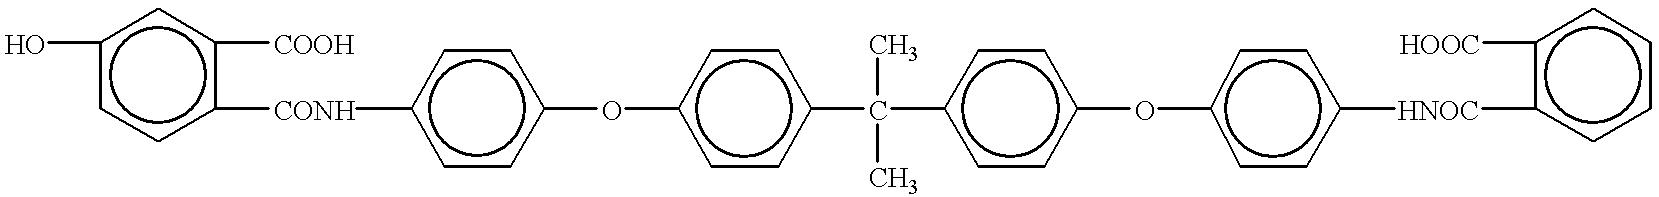 Figure US06180560-20010130-C00612